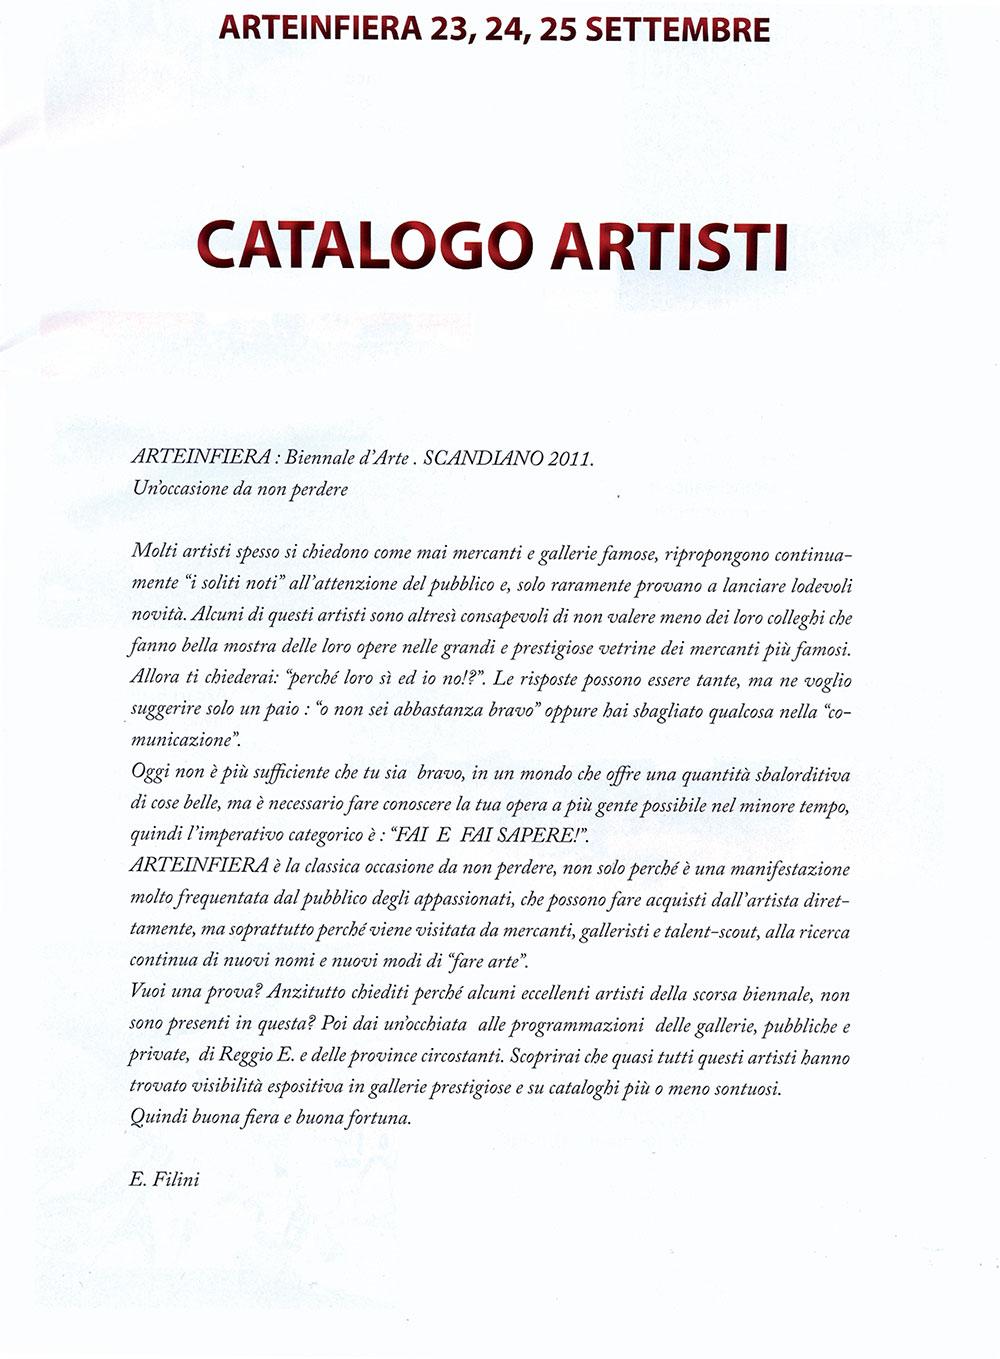 CAT-SCAN-11-3